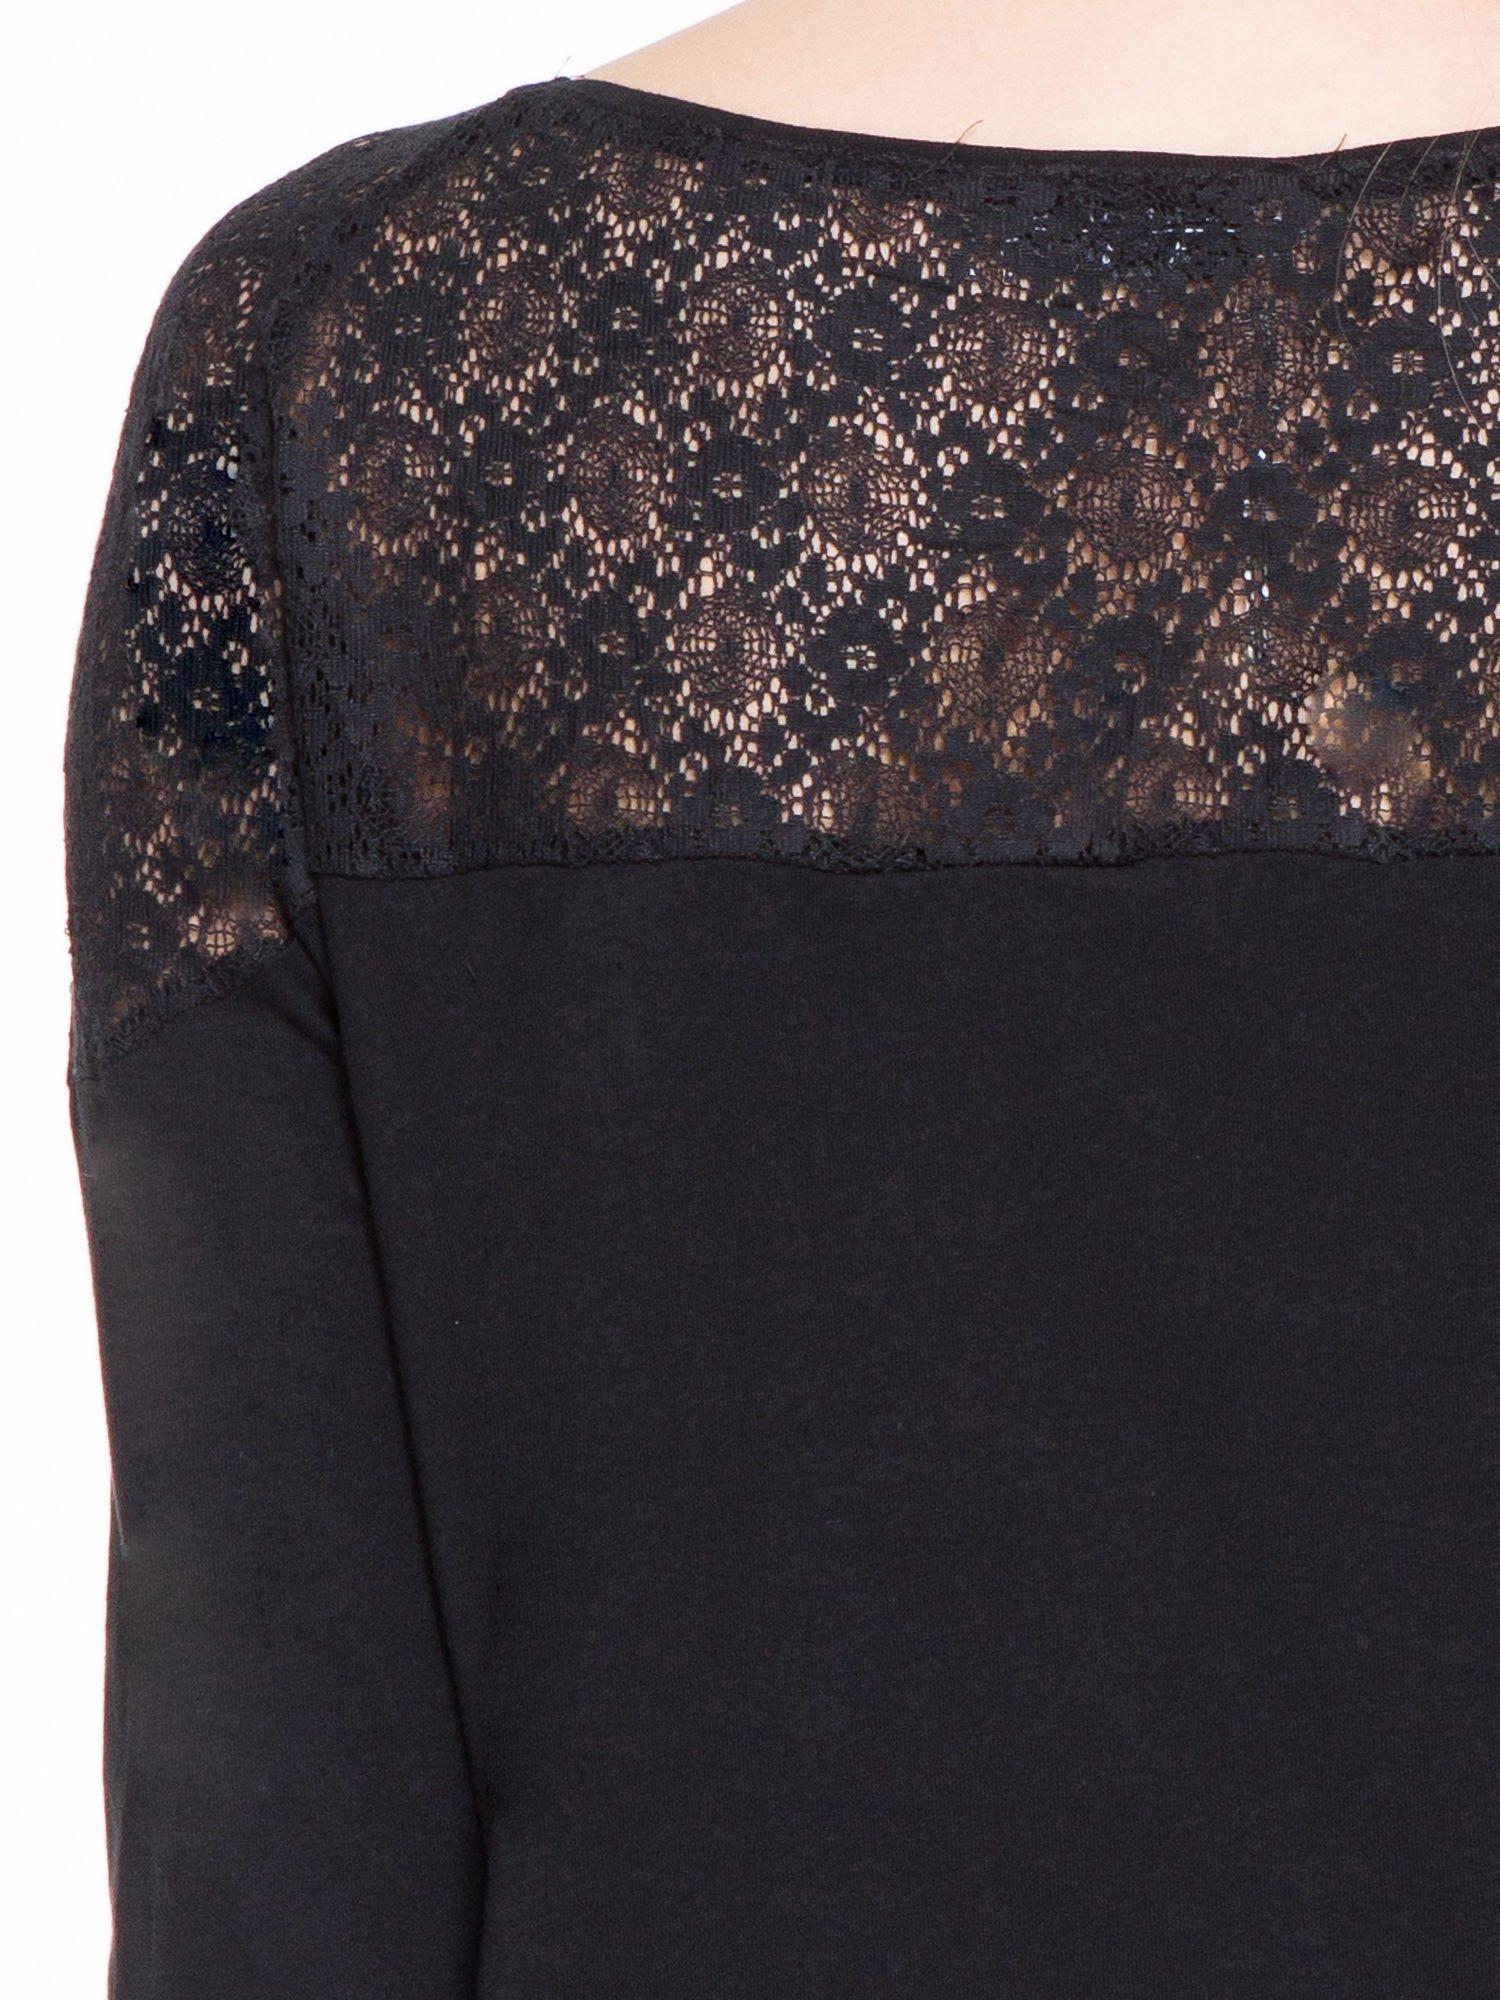 Czarna bluzka z koronkową wstawką na ramionach                                  zdj.                                  7